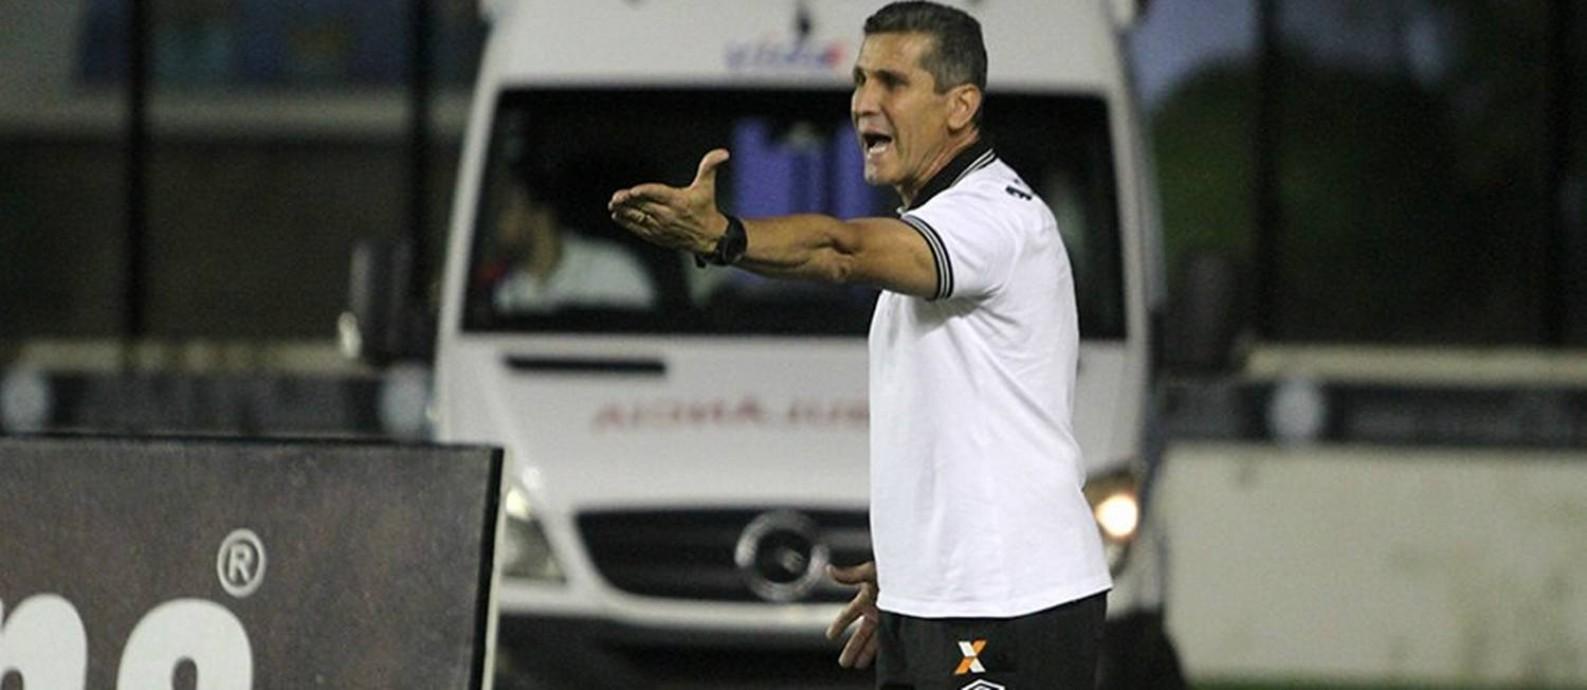 Jorginho reconheceu que o momento é difícil, mas afirmou que o Vasco precisa acreditar que vai subir Foto: Paulo Fernandes/Vasco.com.br